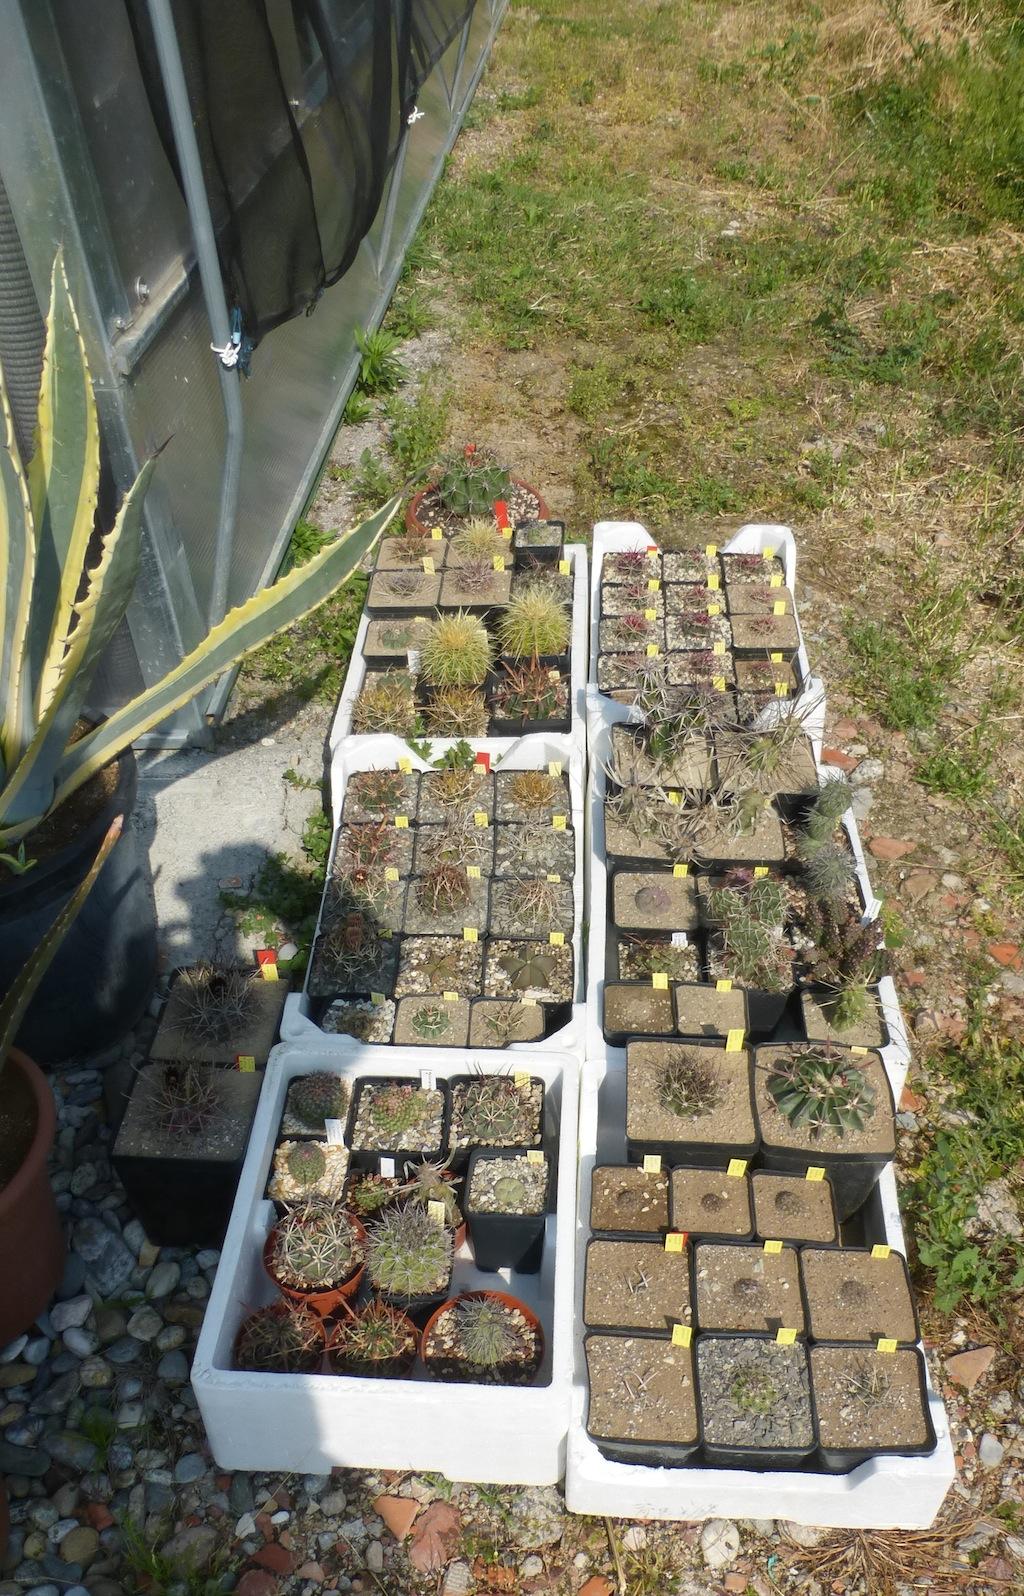 Alcune piante al sole a lato della serra